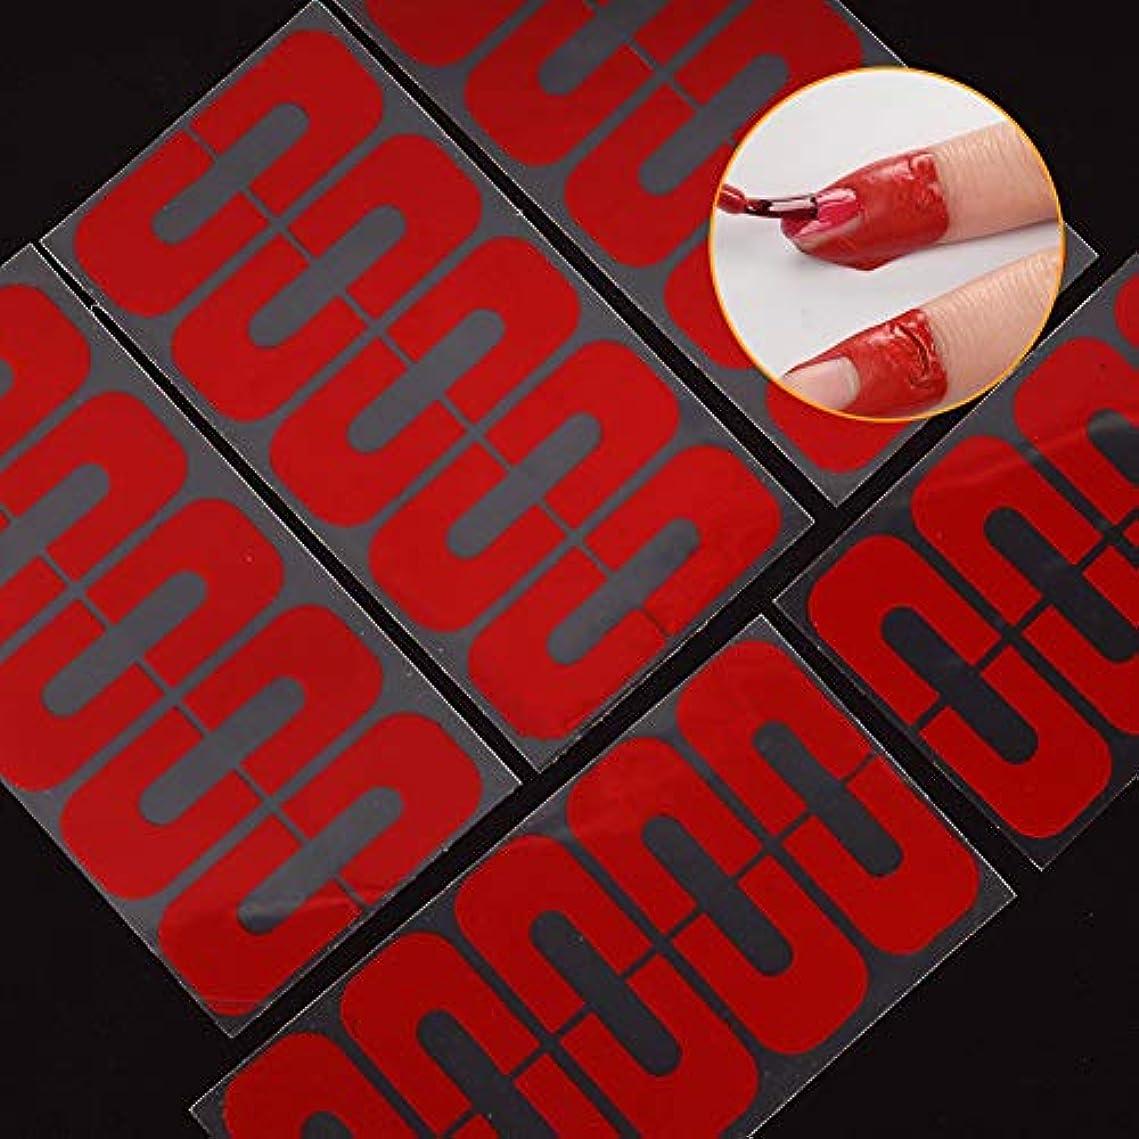 わずかな猫背東方hamulekfae-50個使い捨てU字型こぼれ防止ネイルプロテクター弾性指カバーステッカー - 赤50個Red50pcs